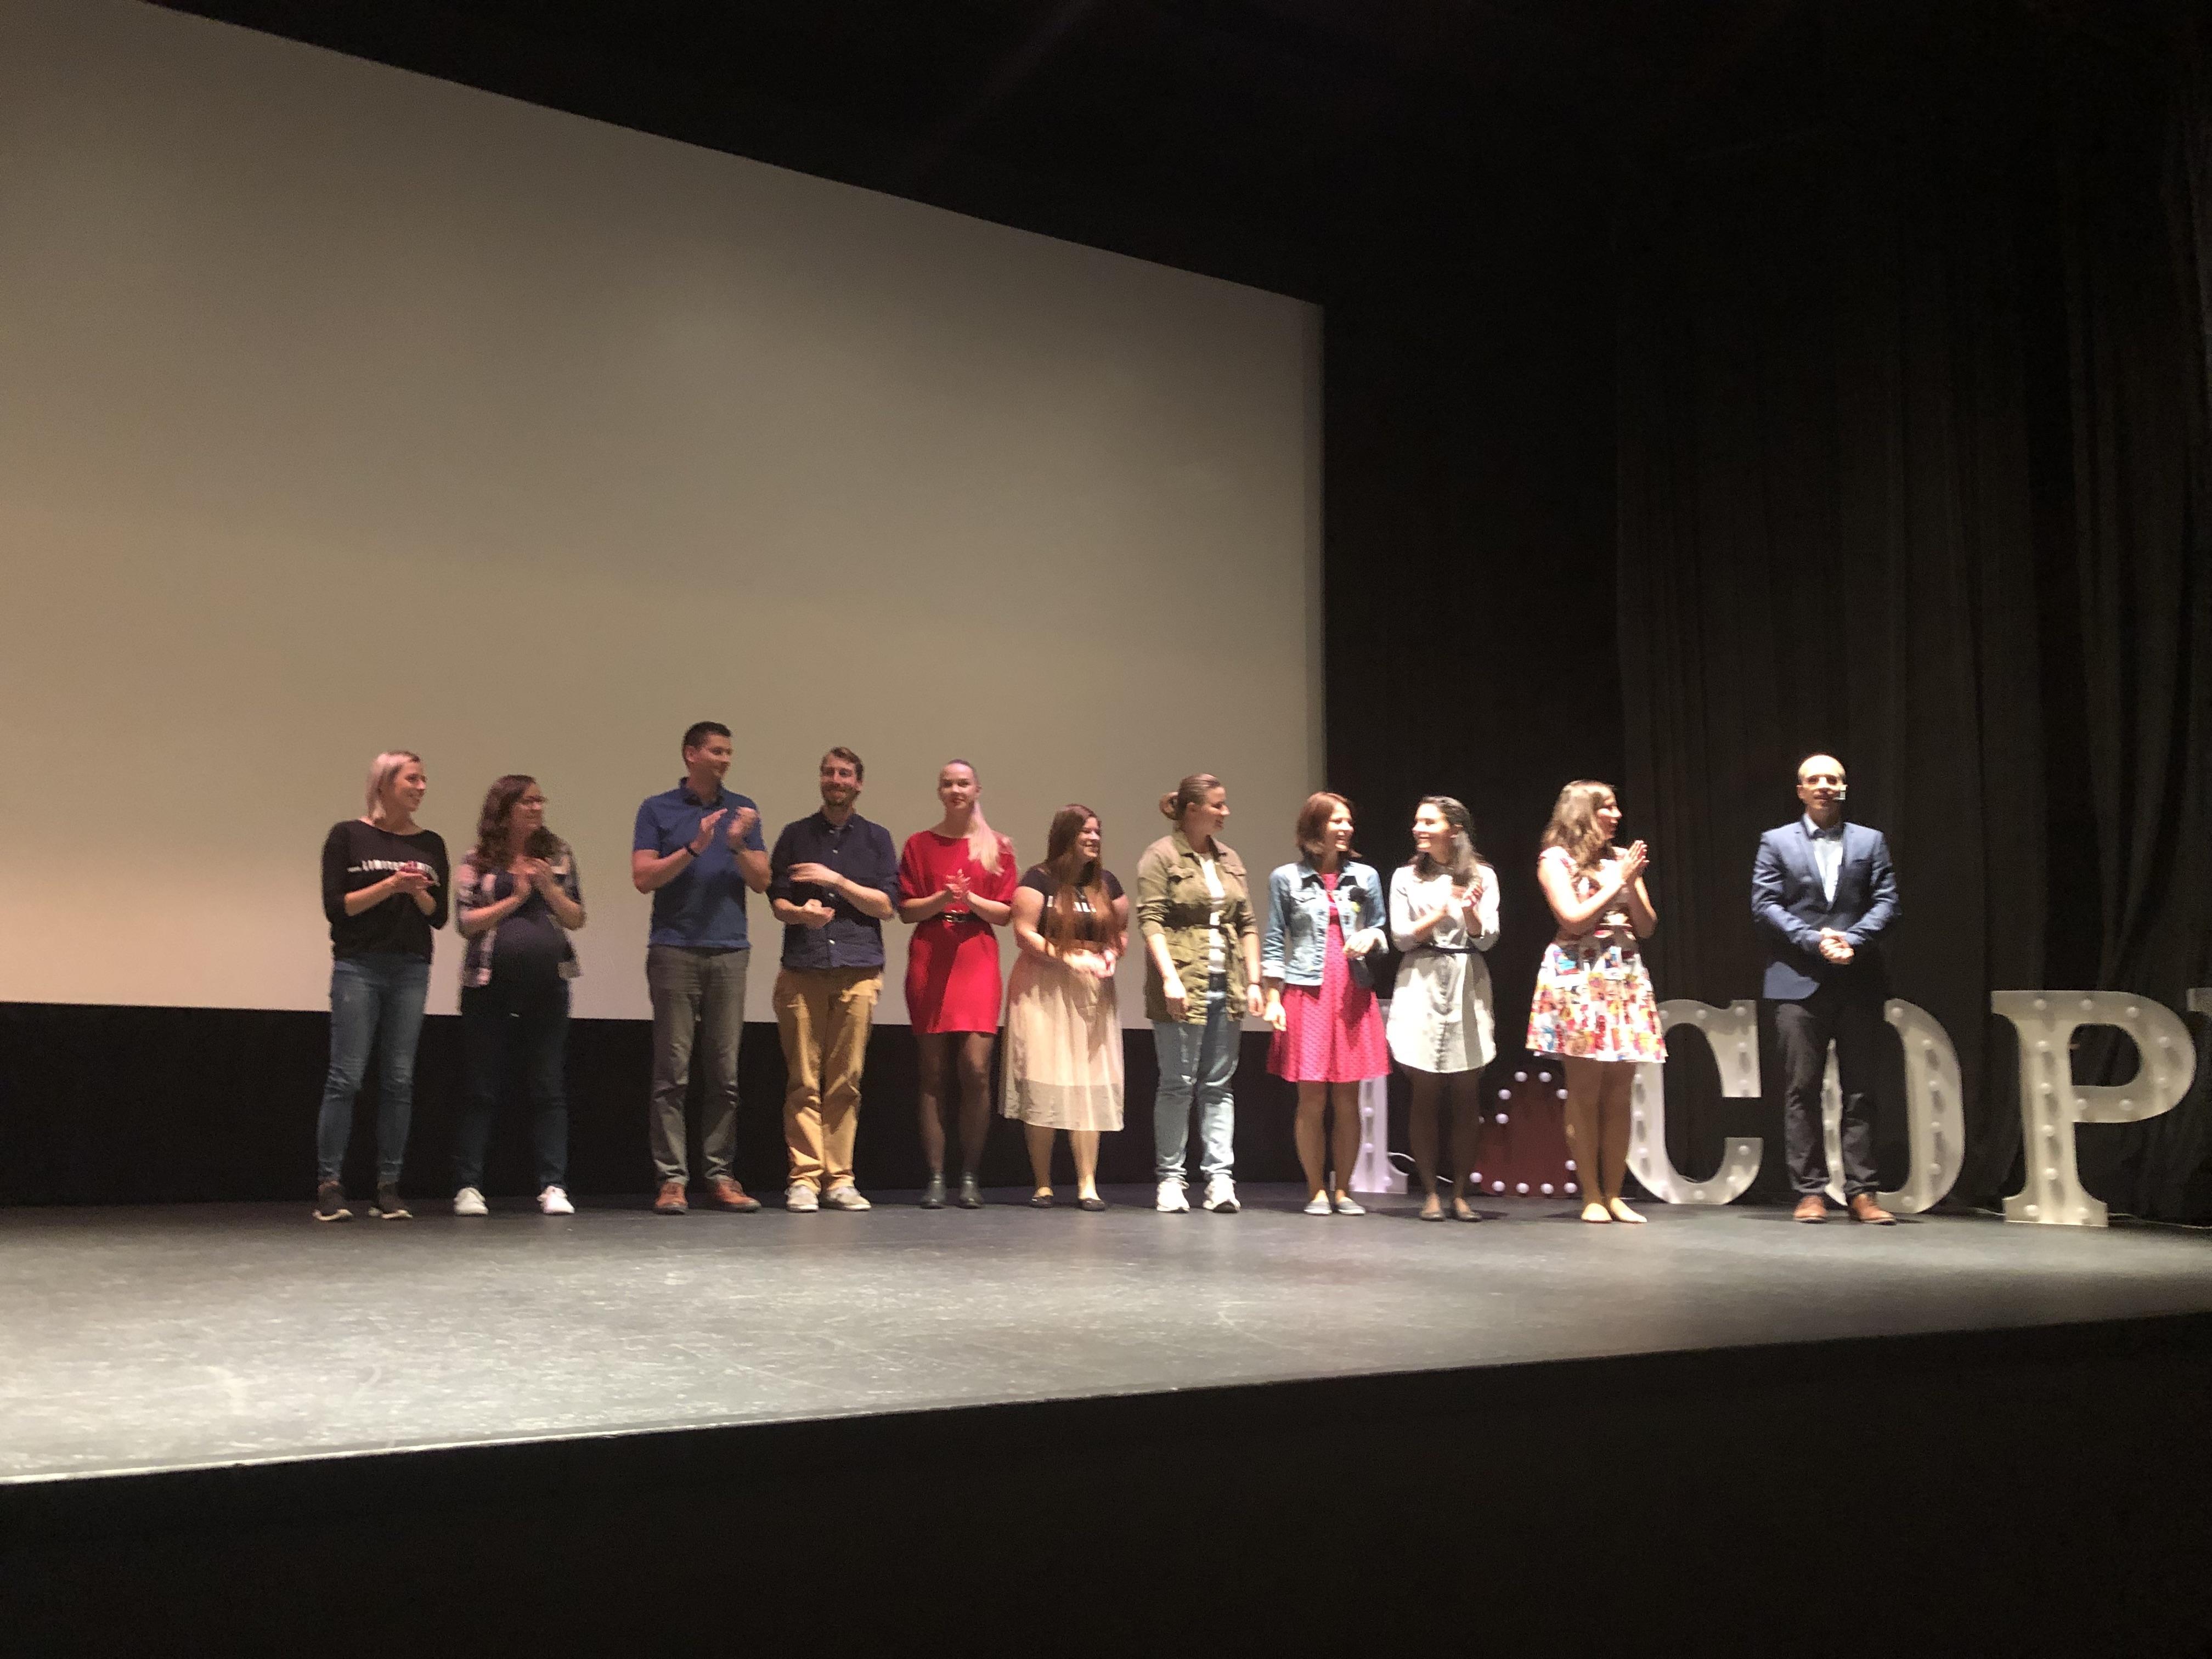 Díky těmto úžasným mladým lidem z H1 jsme měli jubilejní desátý Copycamp. Sláva jim!